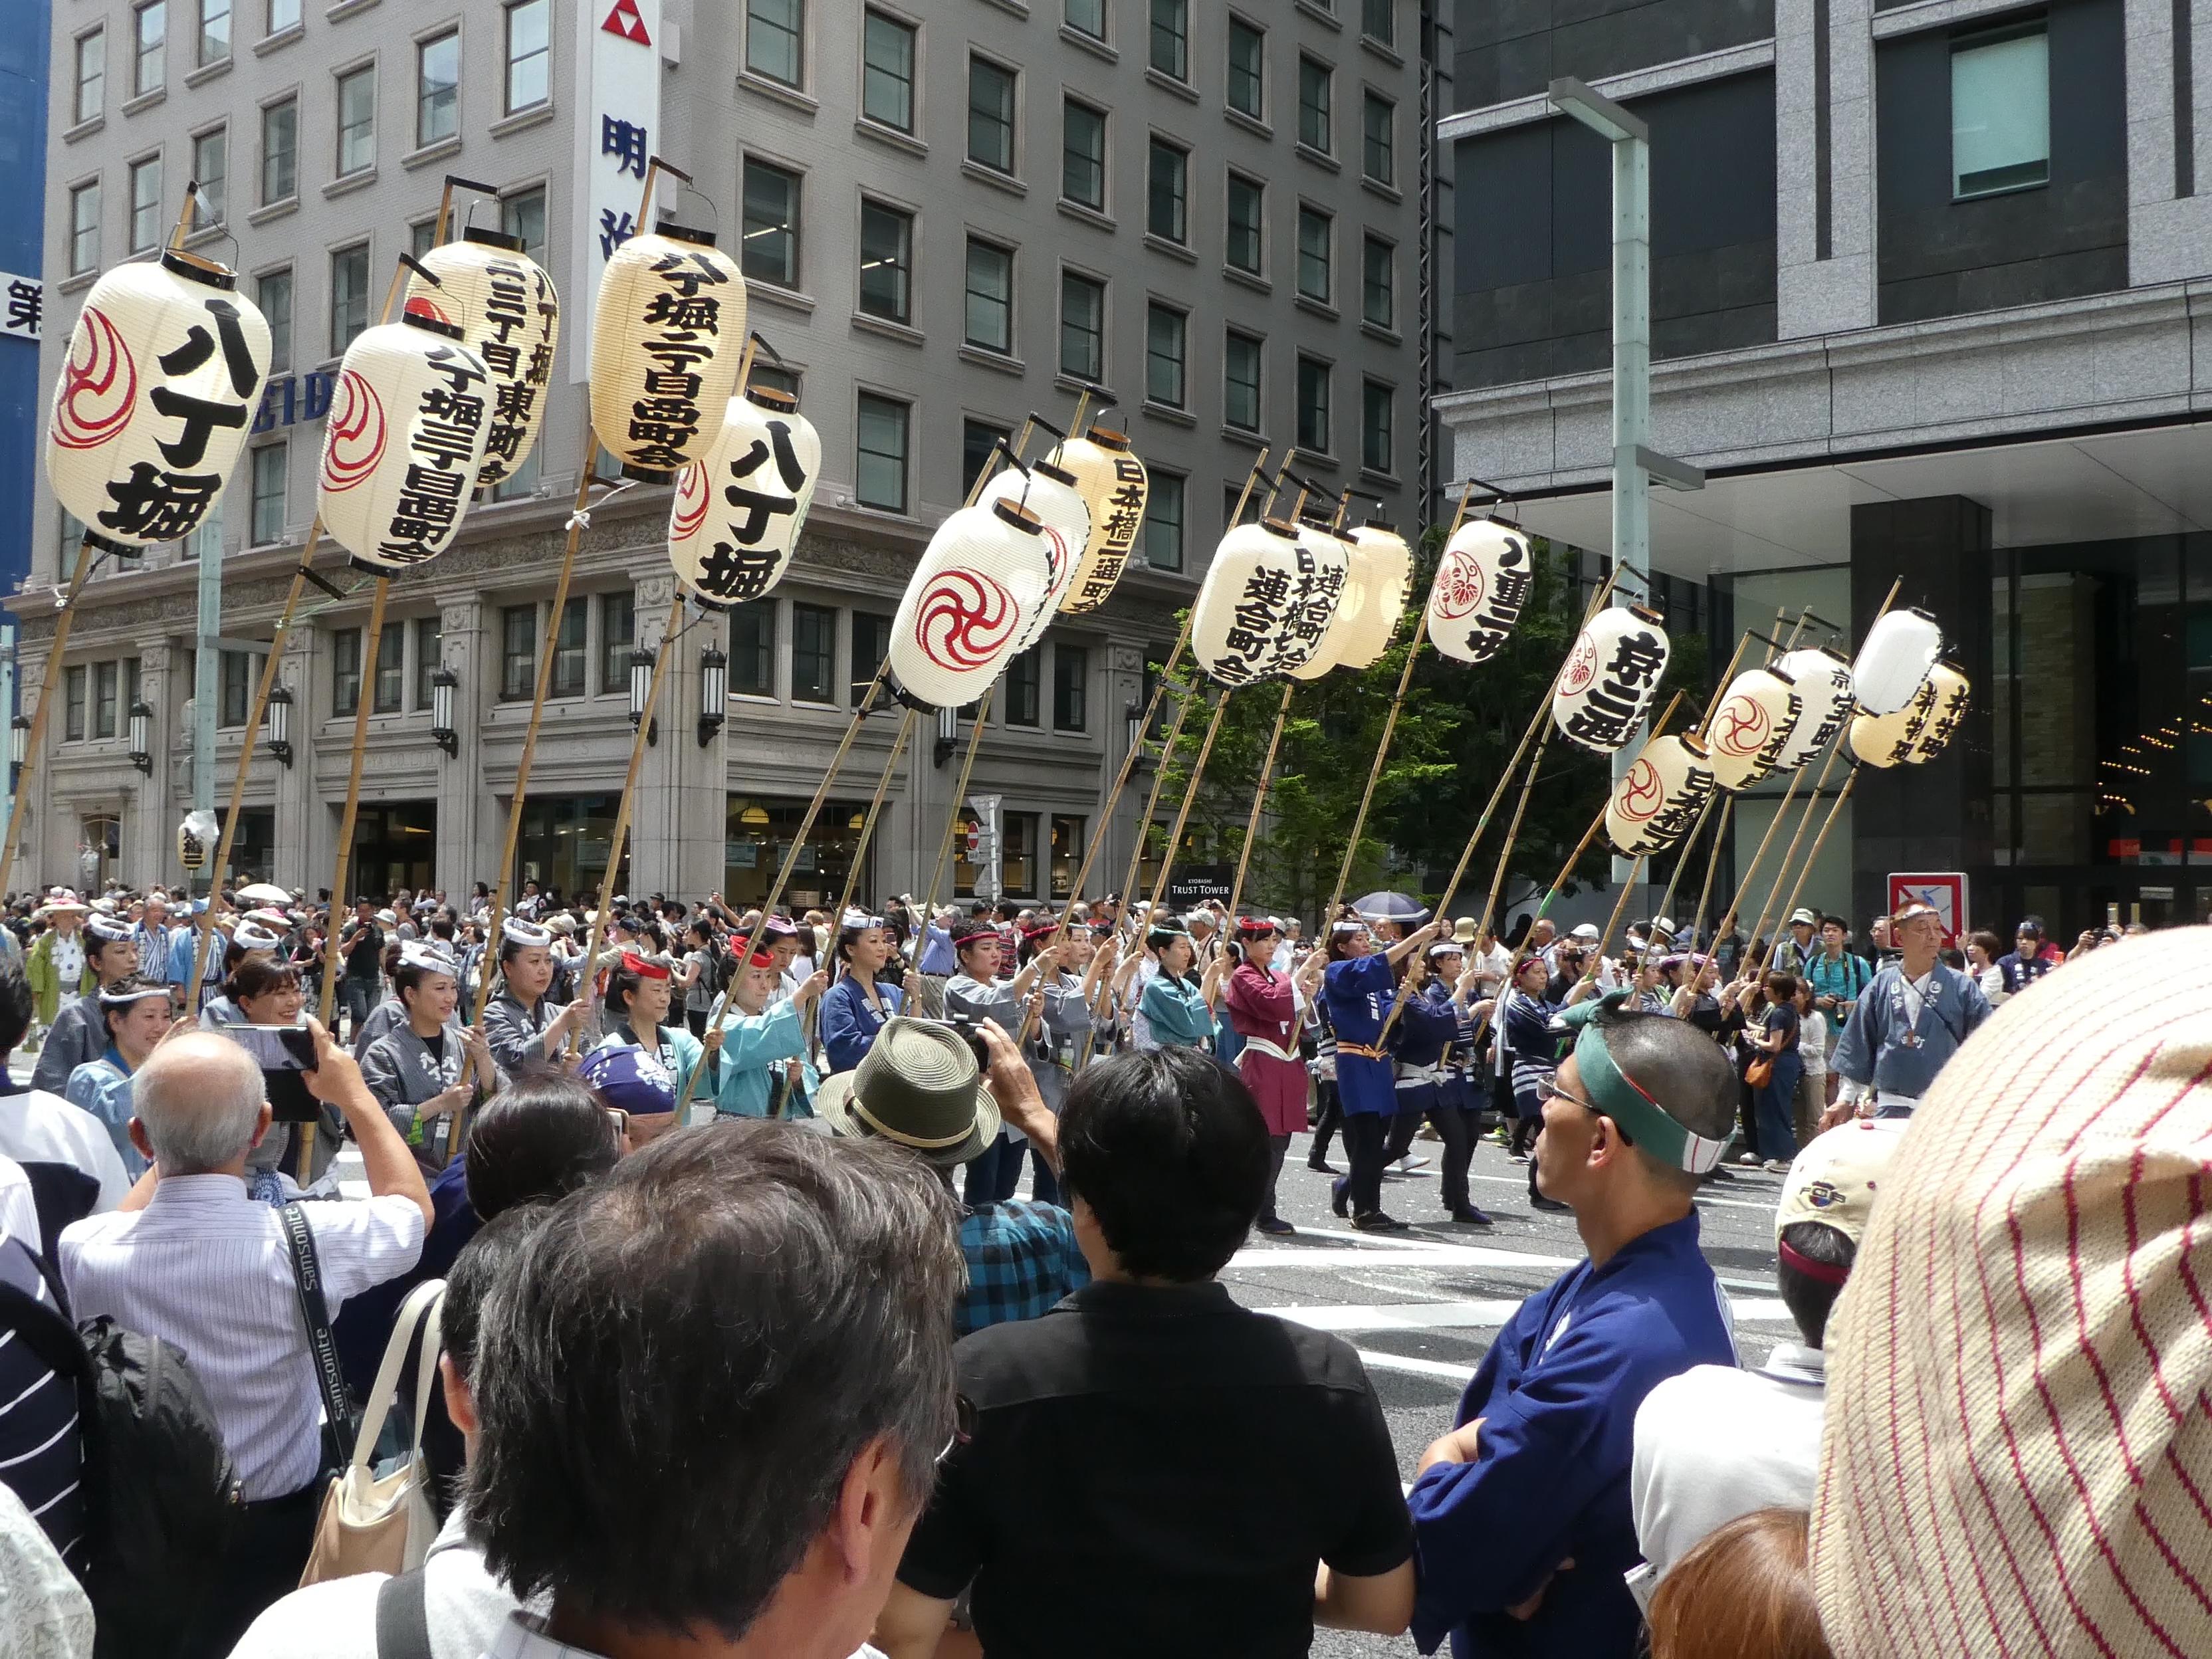 東京都千代田区永田町の「日枝神社」の山王祭で『下町連合渡御』を観ました。